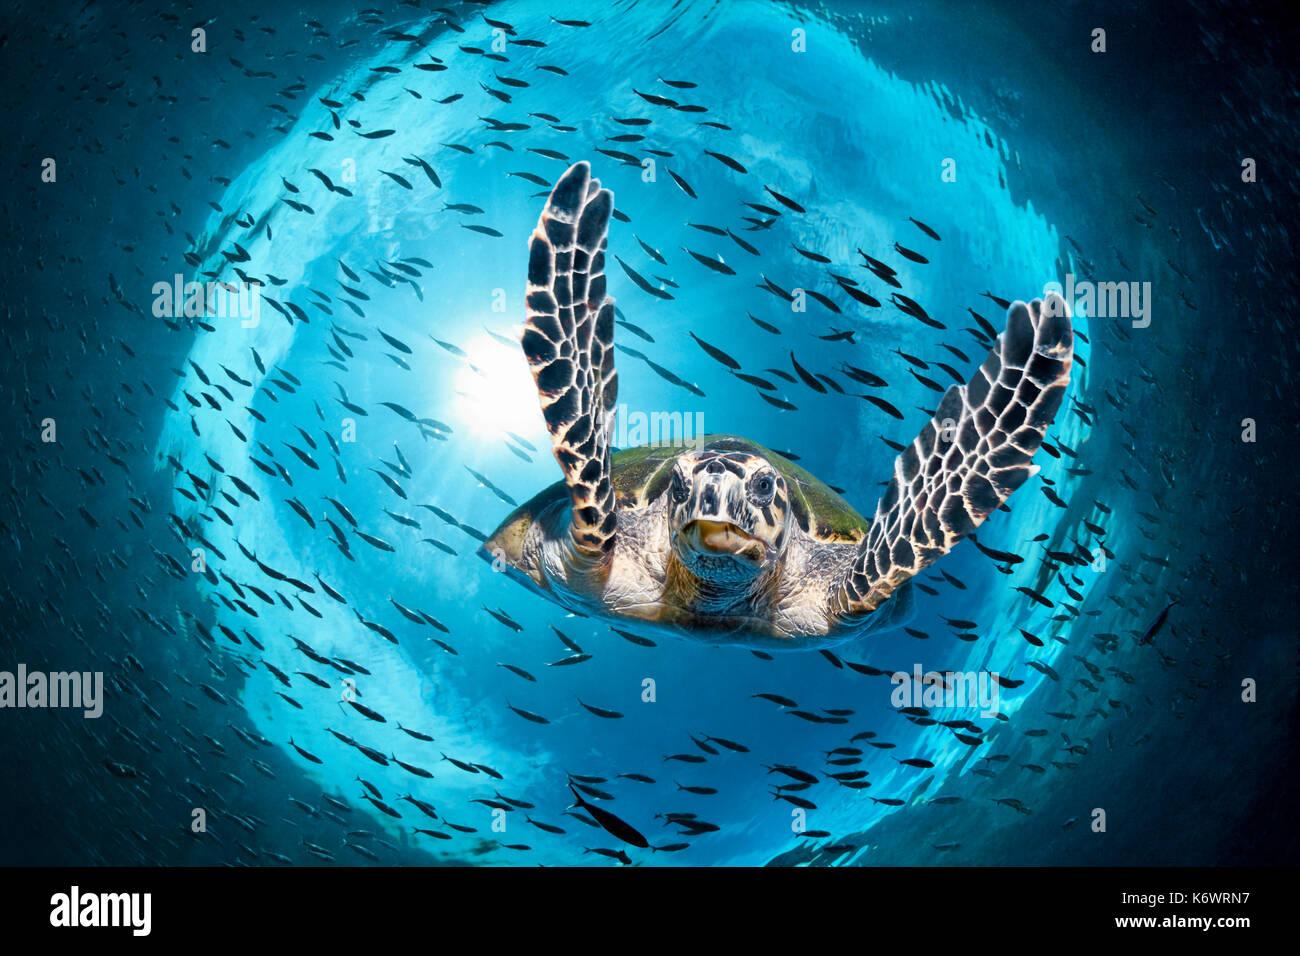 La tortue verte (Chelonia mydas) plongée sous, rétroéclairé, de poissons, de l'essaim de réflexion totale, grande barrière de corail, l'UNESCO Photo Stock